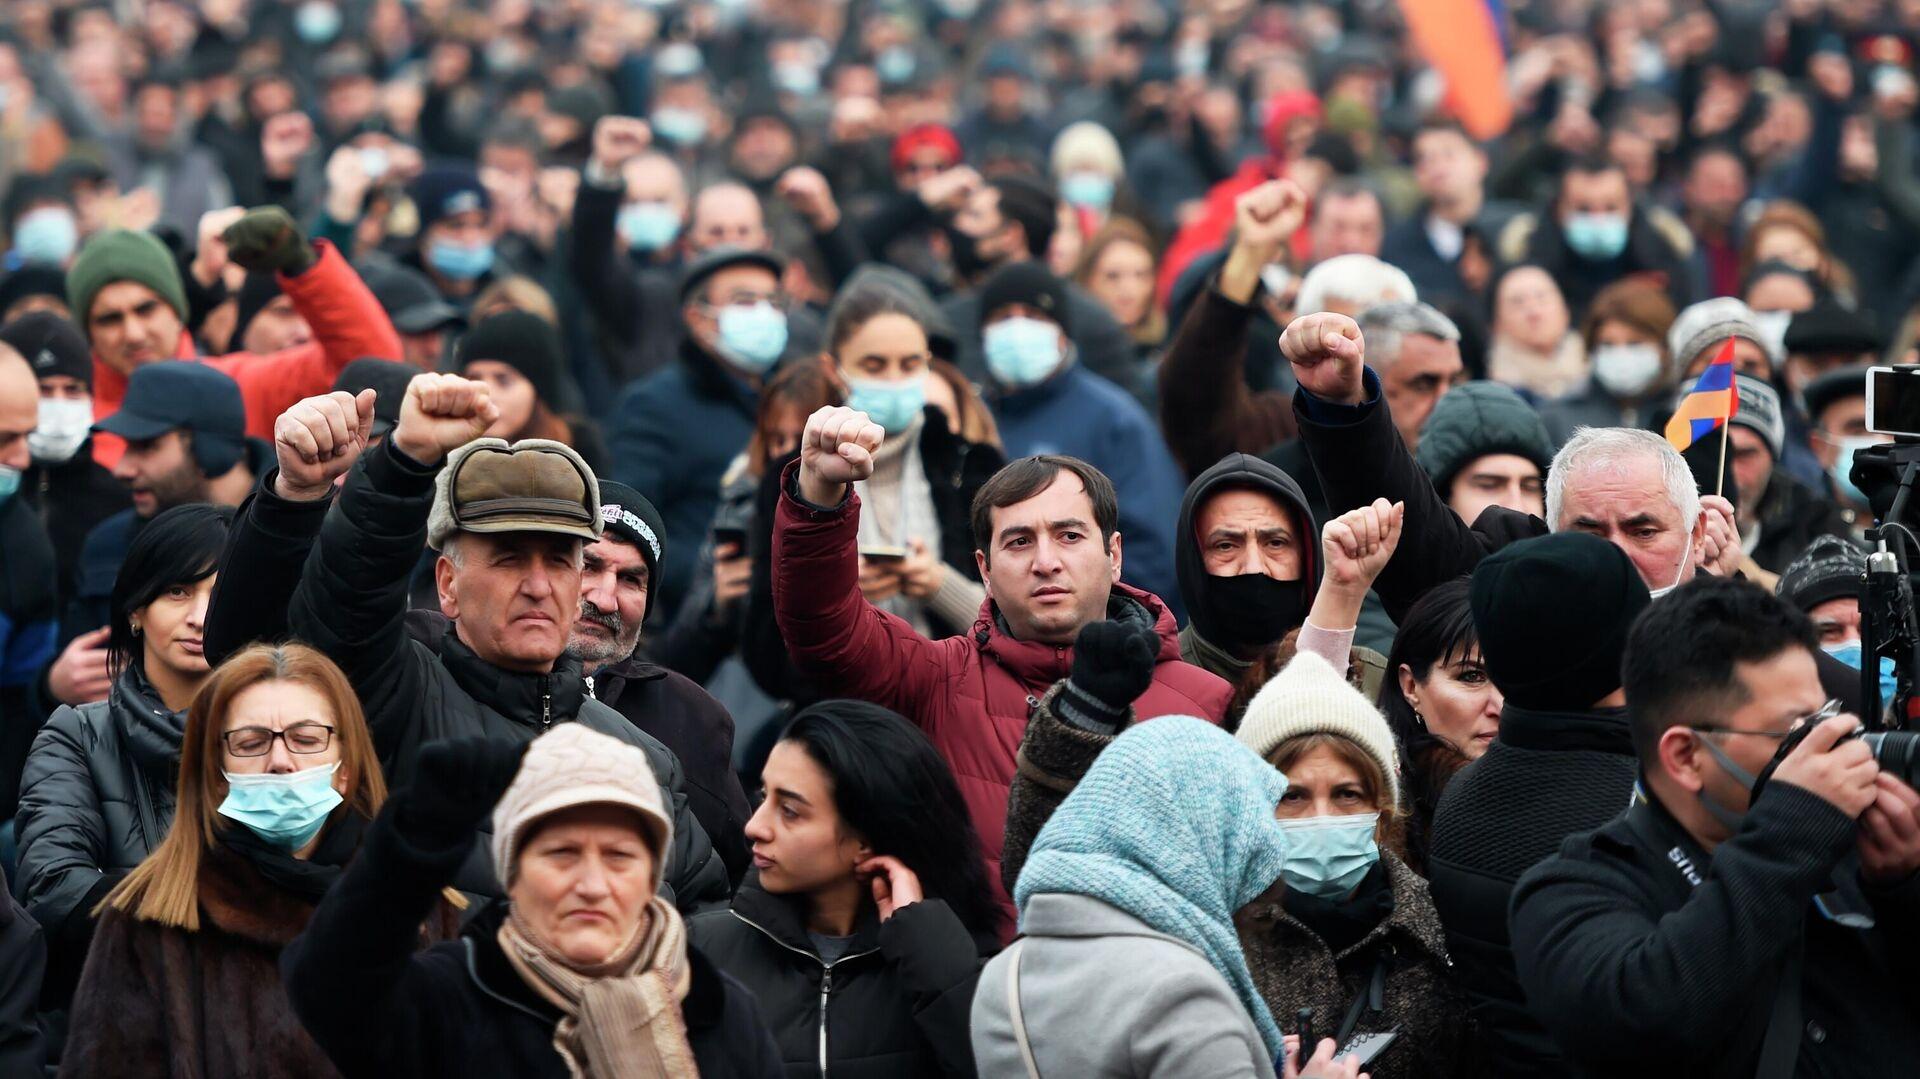 Противники премьер-министра Армении Никола Пашиняна проводят митинг на площади Республики в Ереване - РИА Новости, 1920, 22.12.2020